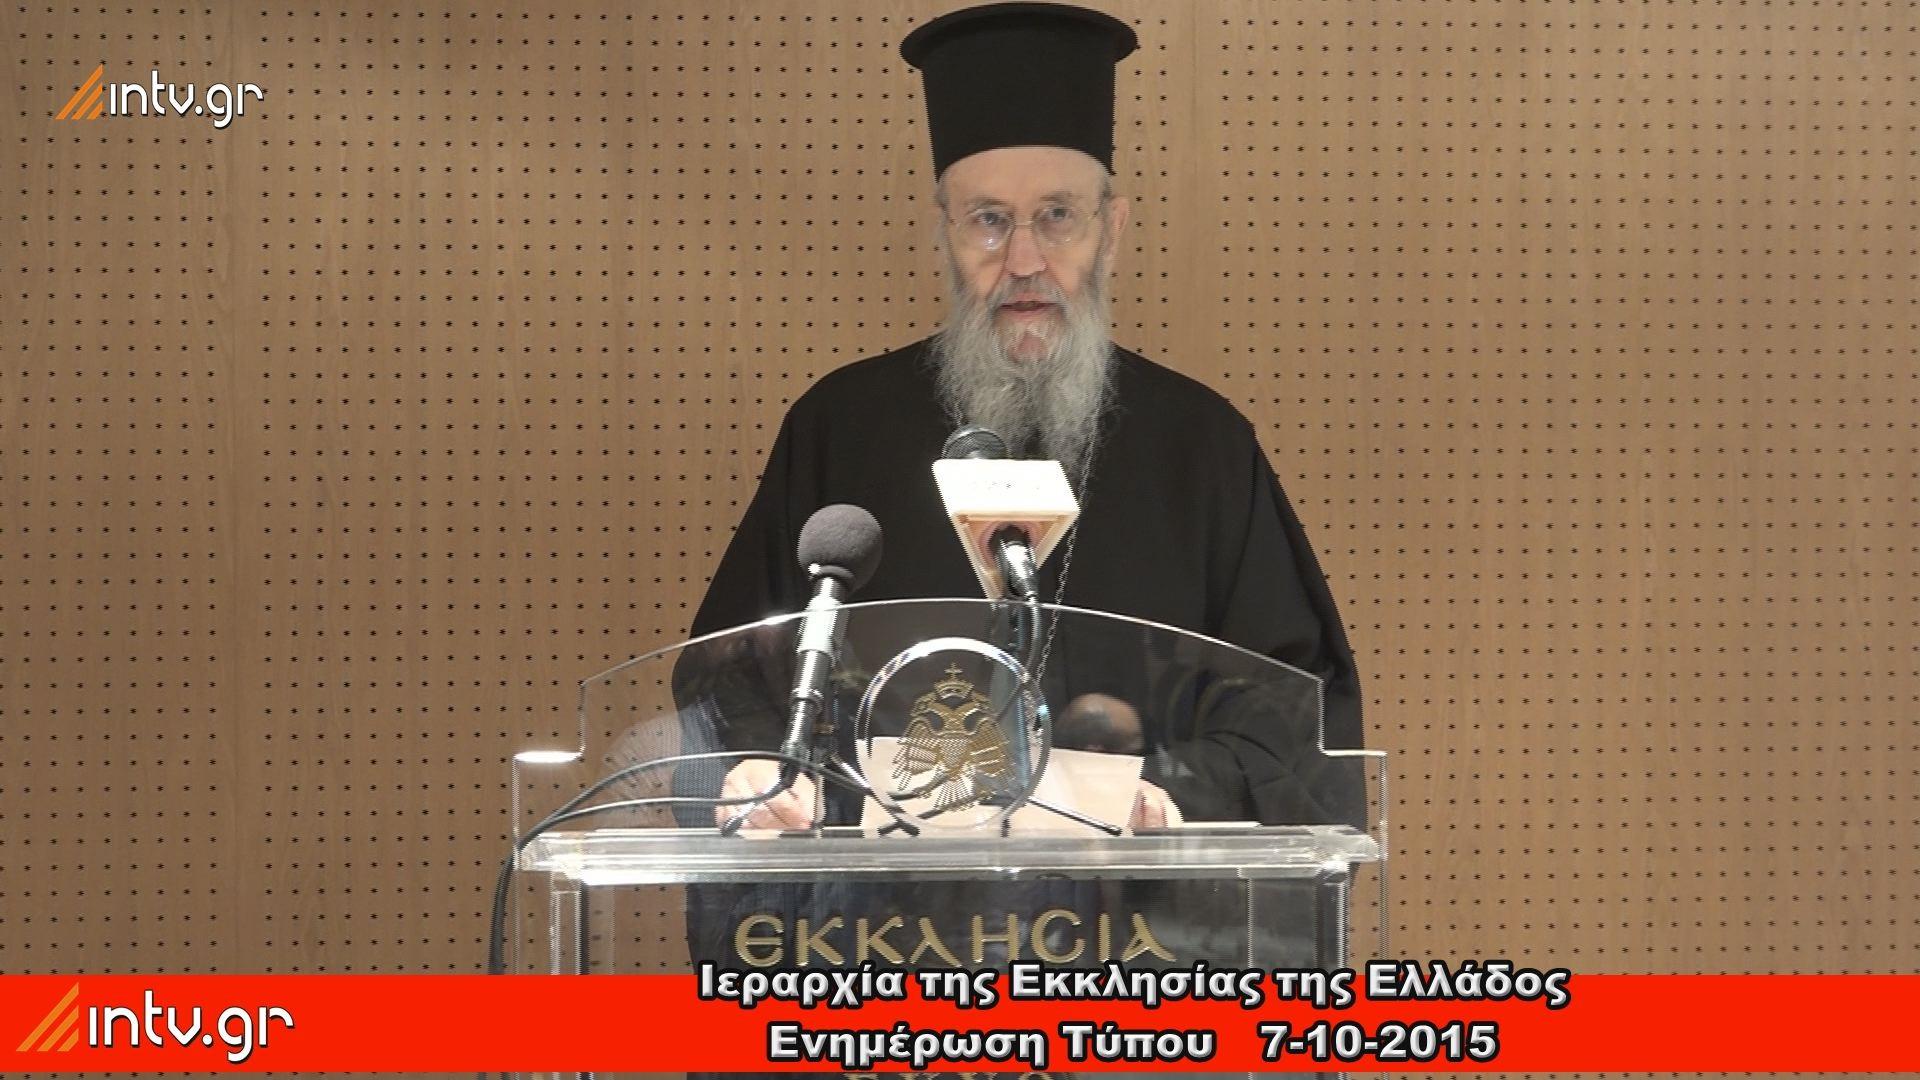 Ιεραρχία της Εκκλησίας της Ελλάδος Ενημέρωση Τύπου - 7-10-2015